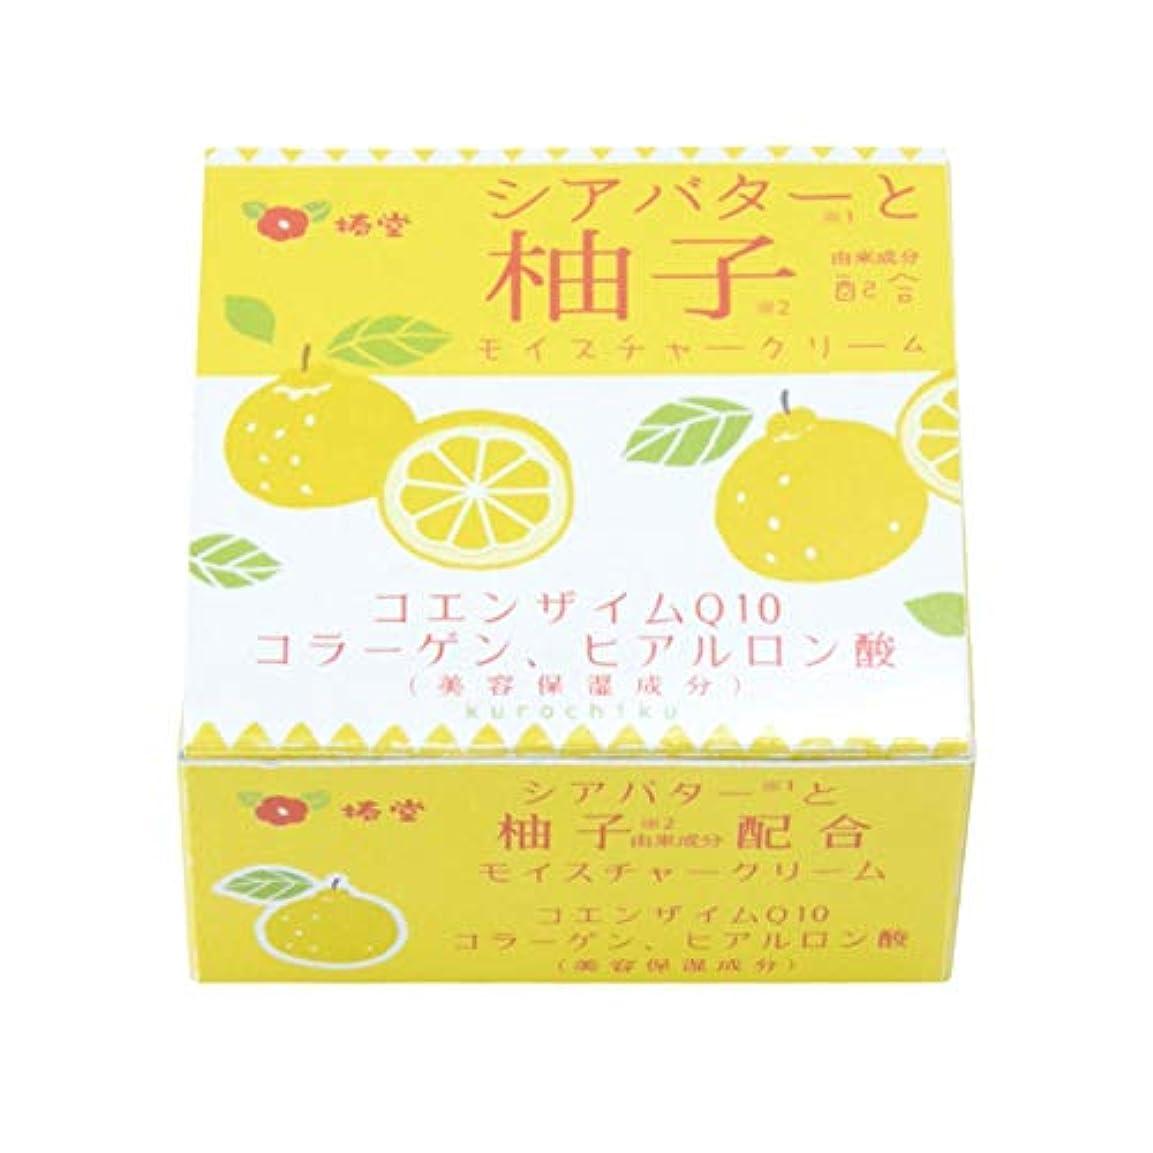 渦寂しい政治椿堂 柚子モイスチャークリーム (シアバターと柚子) 京都くろちく